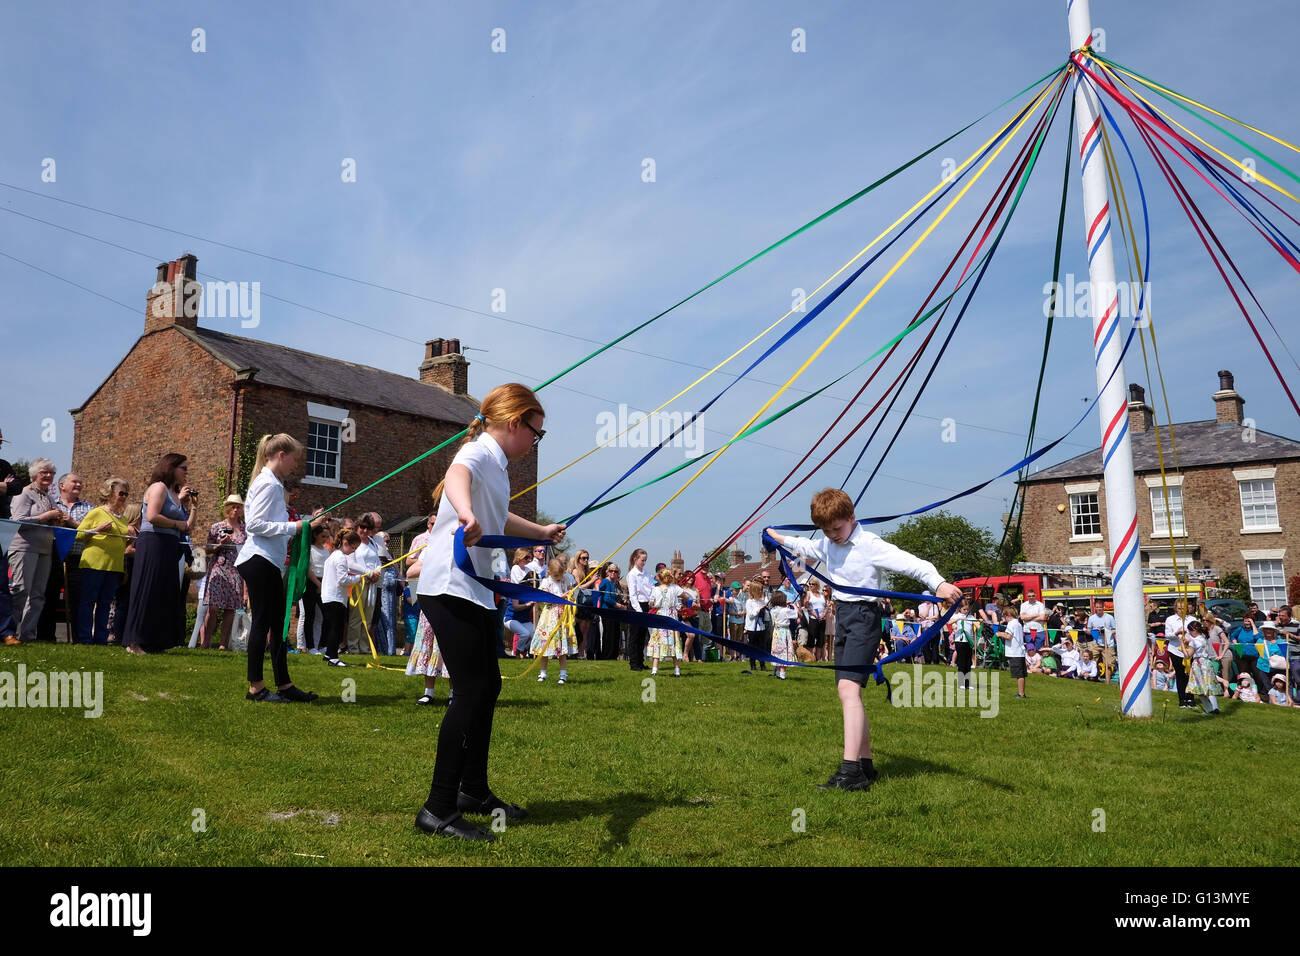 Kinder bereiten die Bänder vor dem Tanz um den Maibaum in Commissioners Maifeiertag festival Stockbild